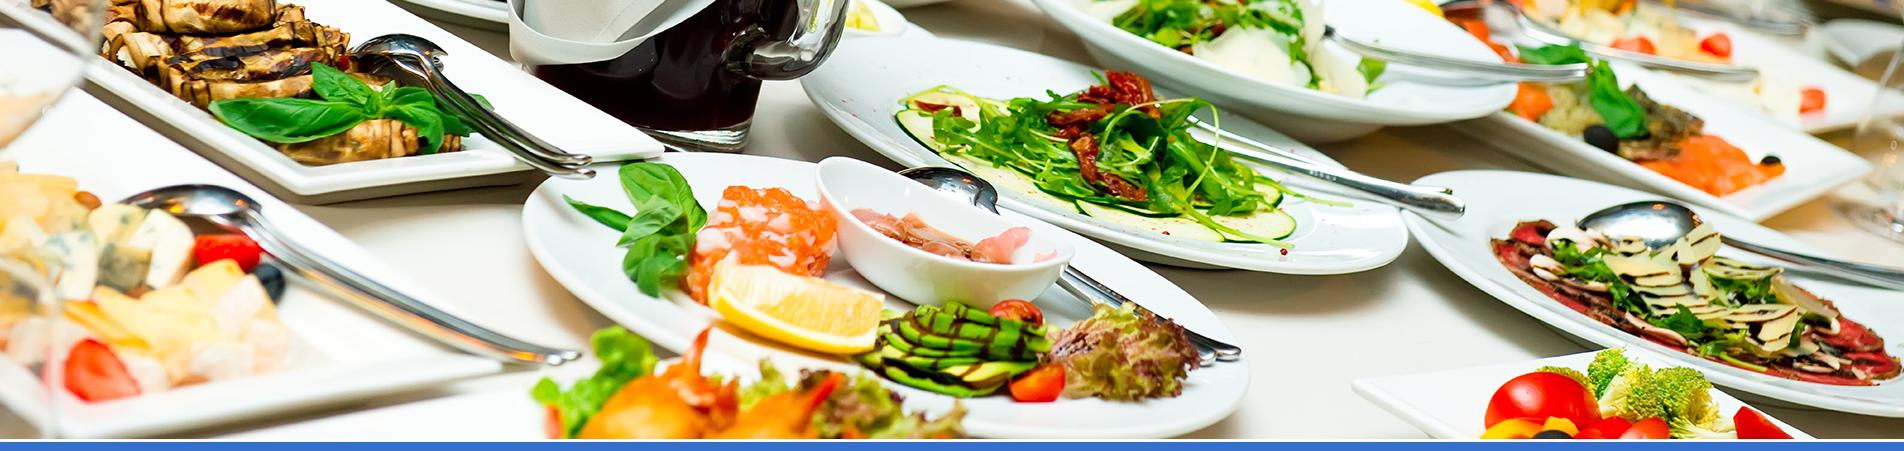 Emme Gel distribuzione surgelati - ristorazione